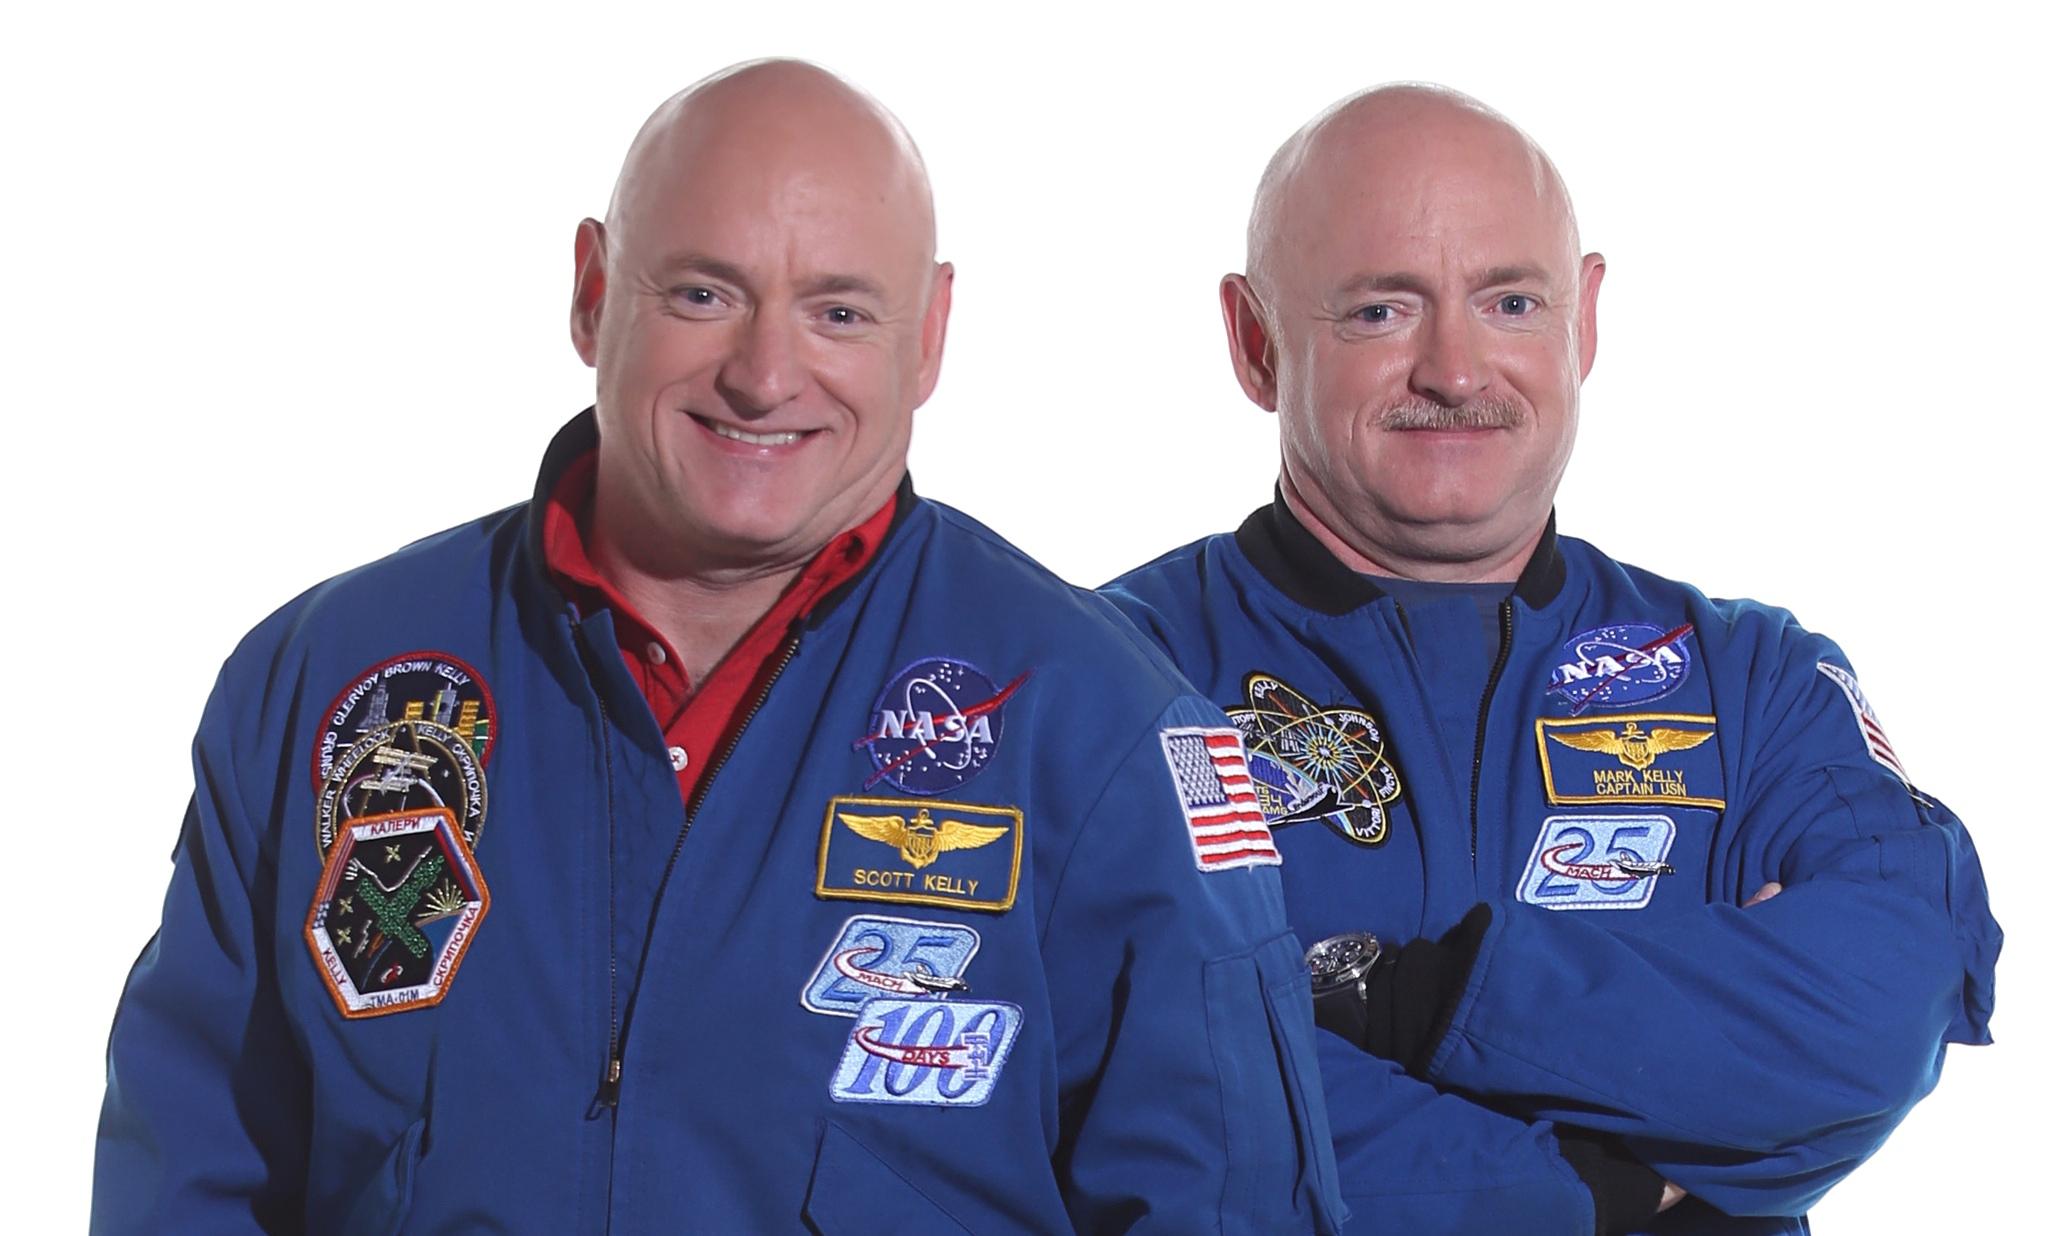 Os irmãos gémeos Scott (à esquerda) e Mark (à direita) Kelly